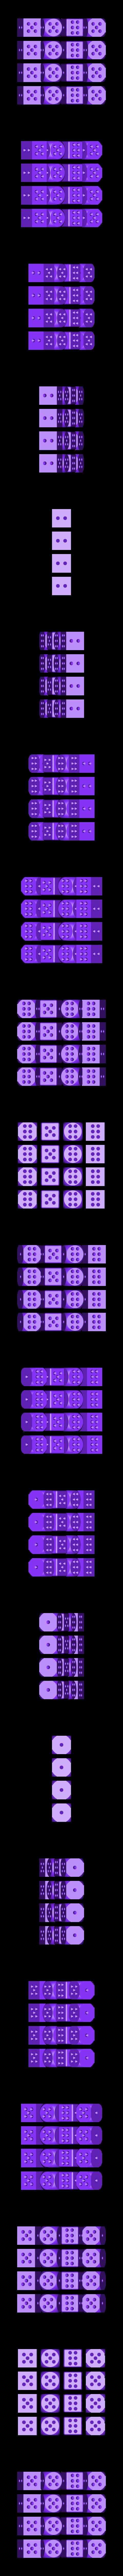 7a576c9d 20cb 4f8c a62b c3b4a7a48dd6